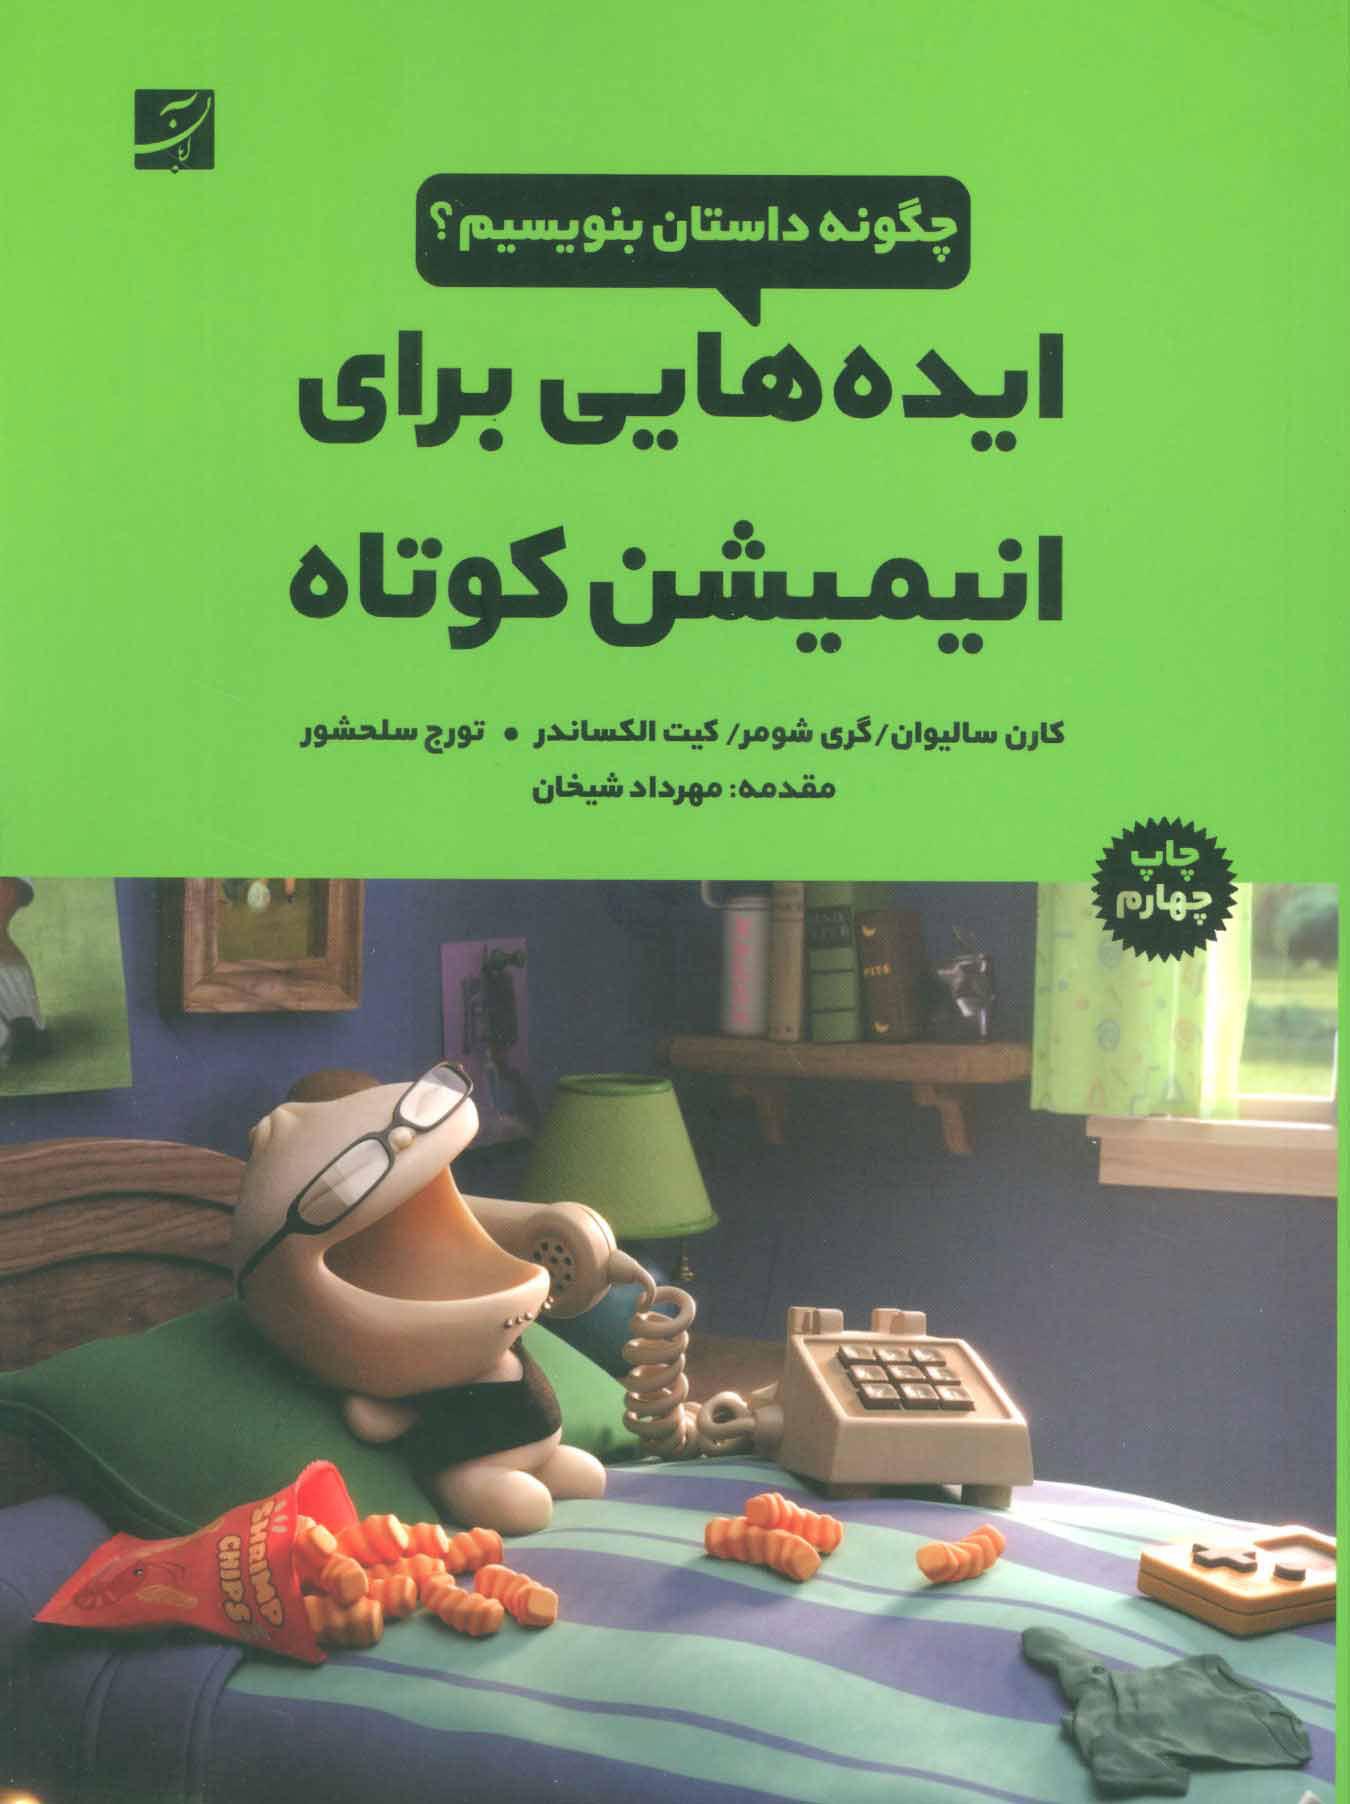 کتاب ایده هایی برای انیمیشن کوتاه